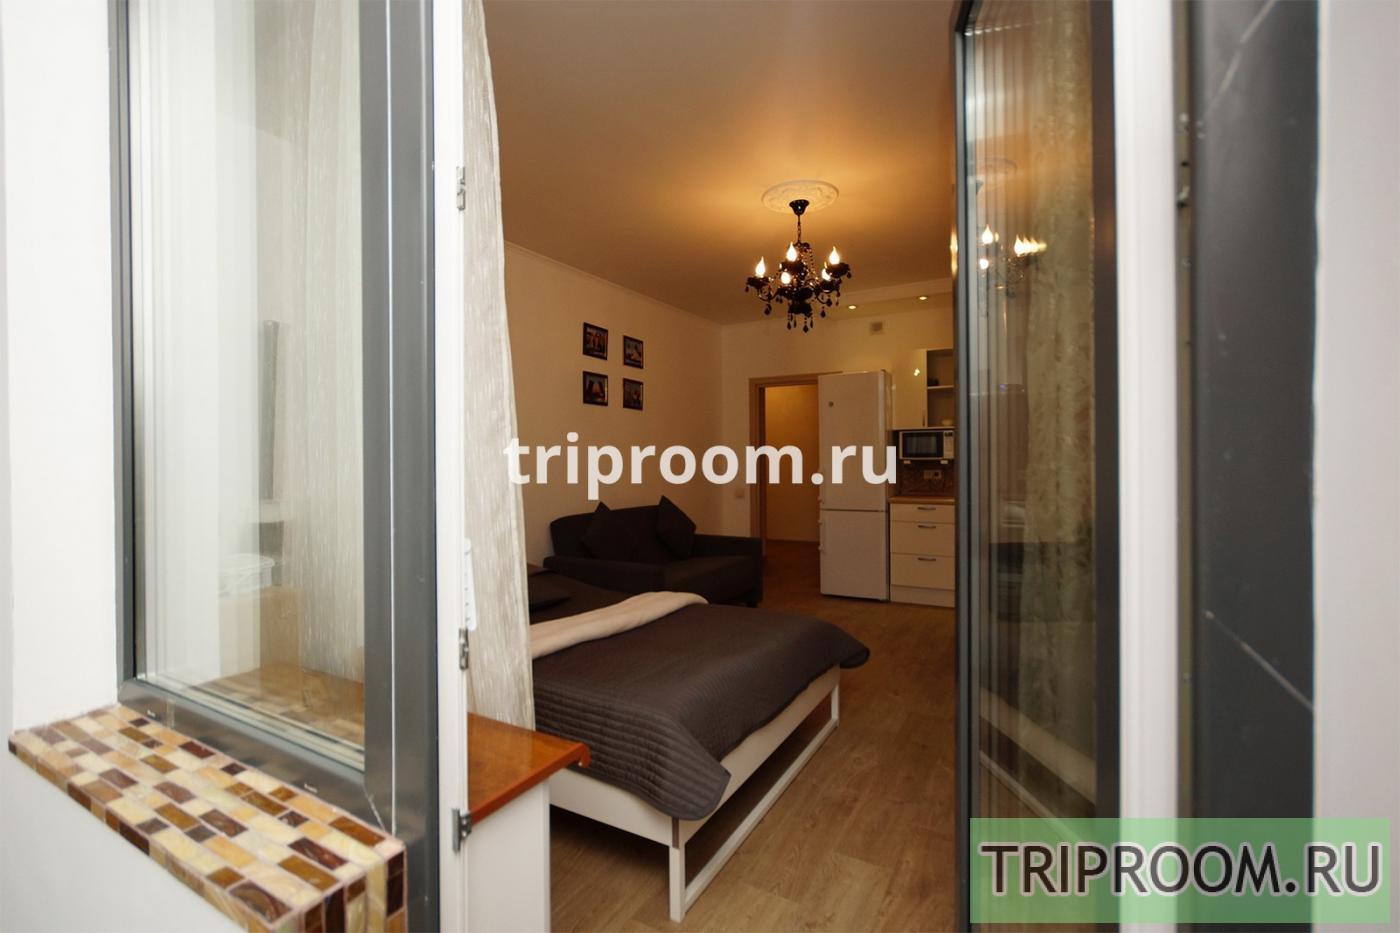 1-комнатная квартира посуточно (вариант № 17278), ул. Полтавский проезд, фото № 9